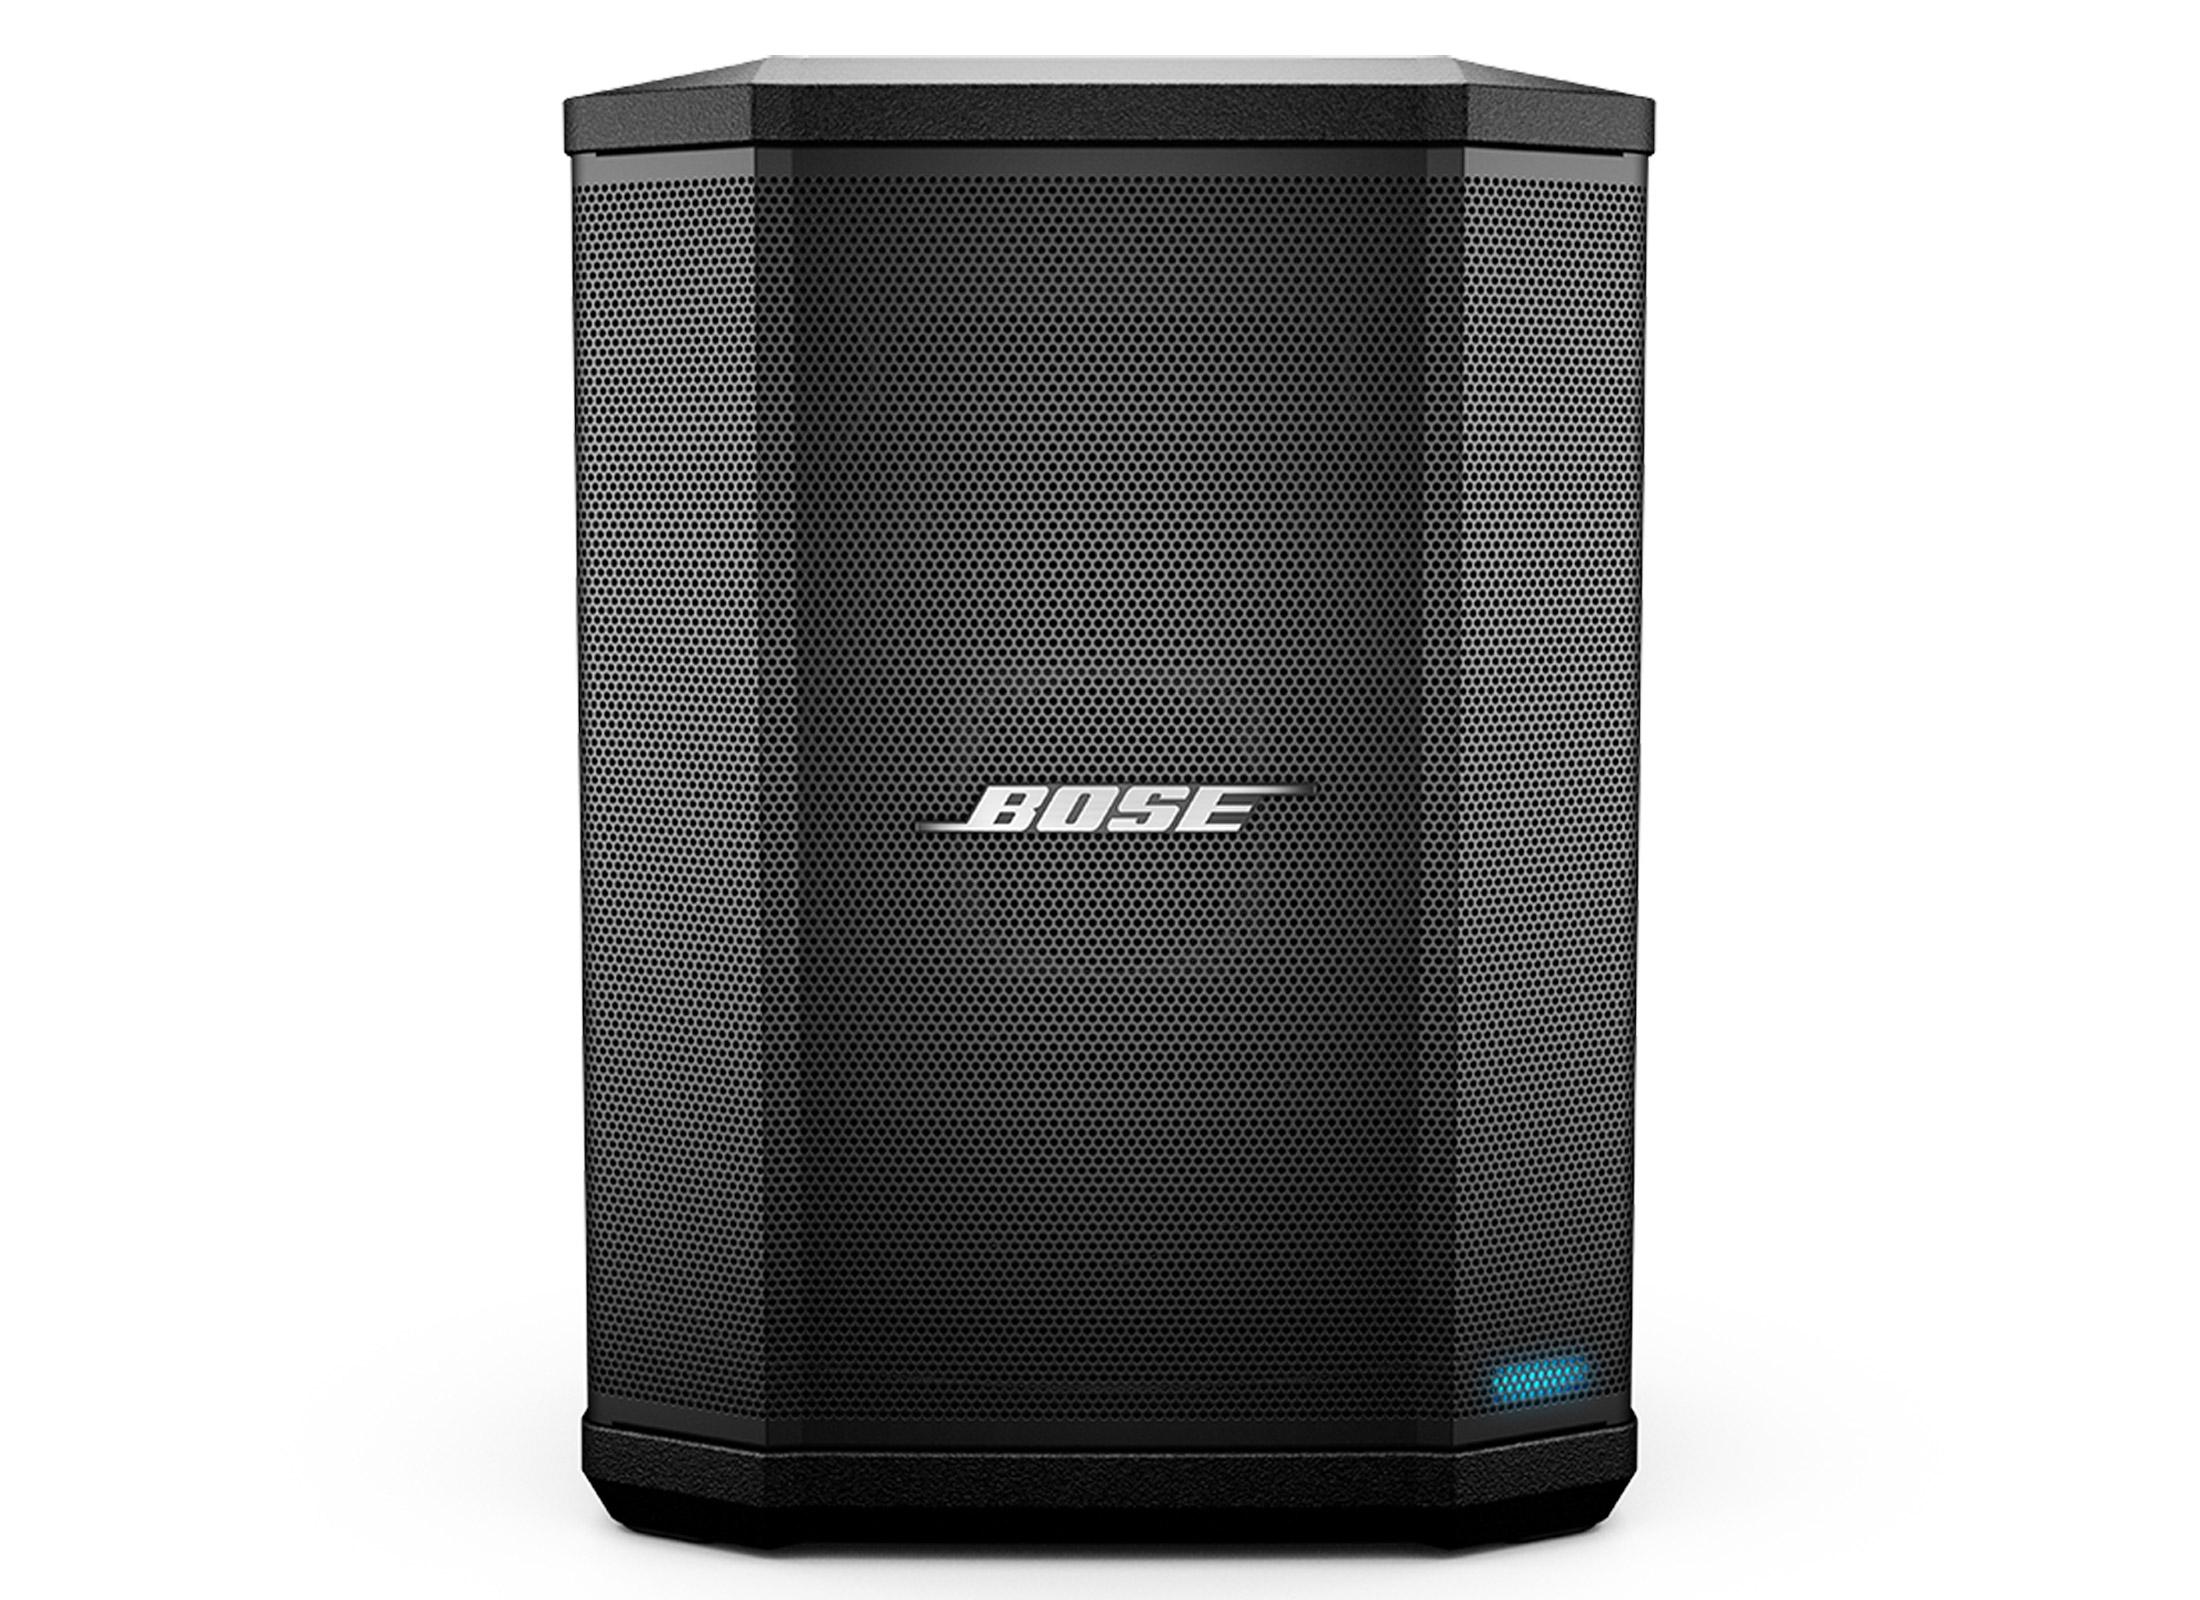 Attraktiv Bose S1 Pro Activebox, Black, 6u0027u0027/1u0027u0027, 100°x40°, 3 Channel Mixer, 2x Combi  Socket / USB / Bluetooth, Adaptor: 35mm